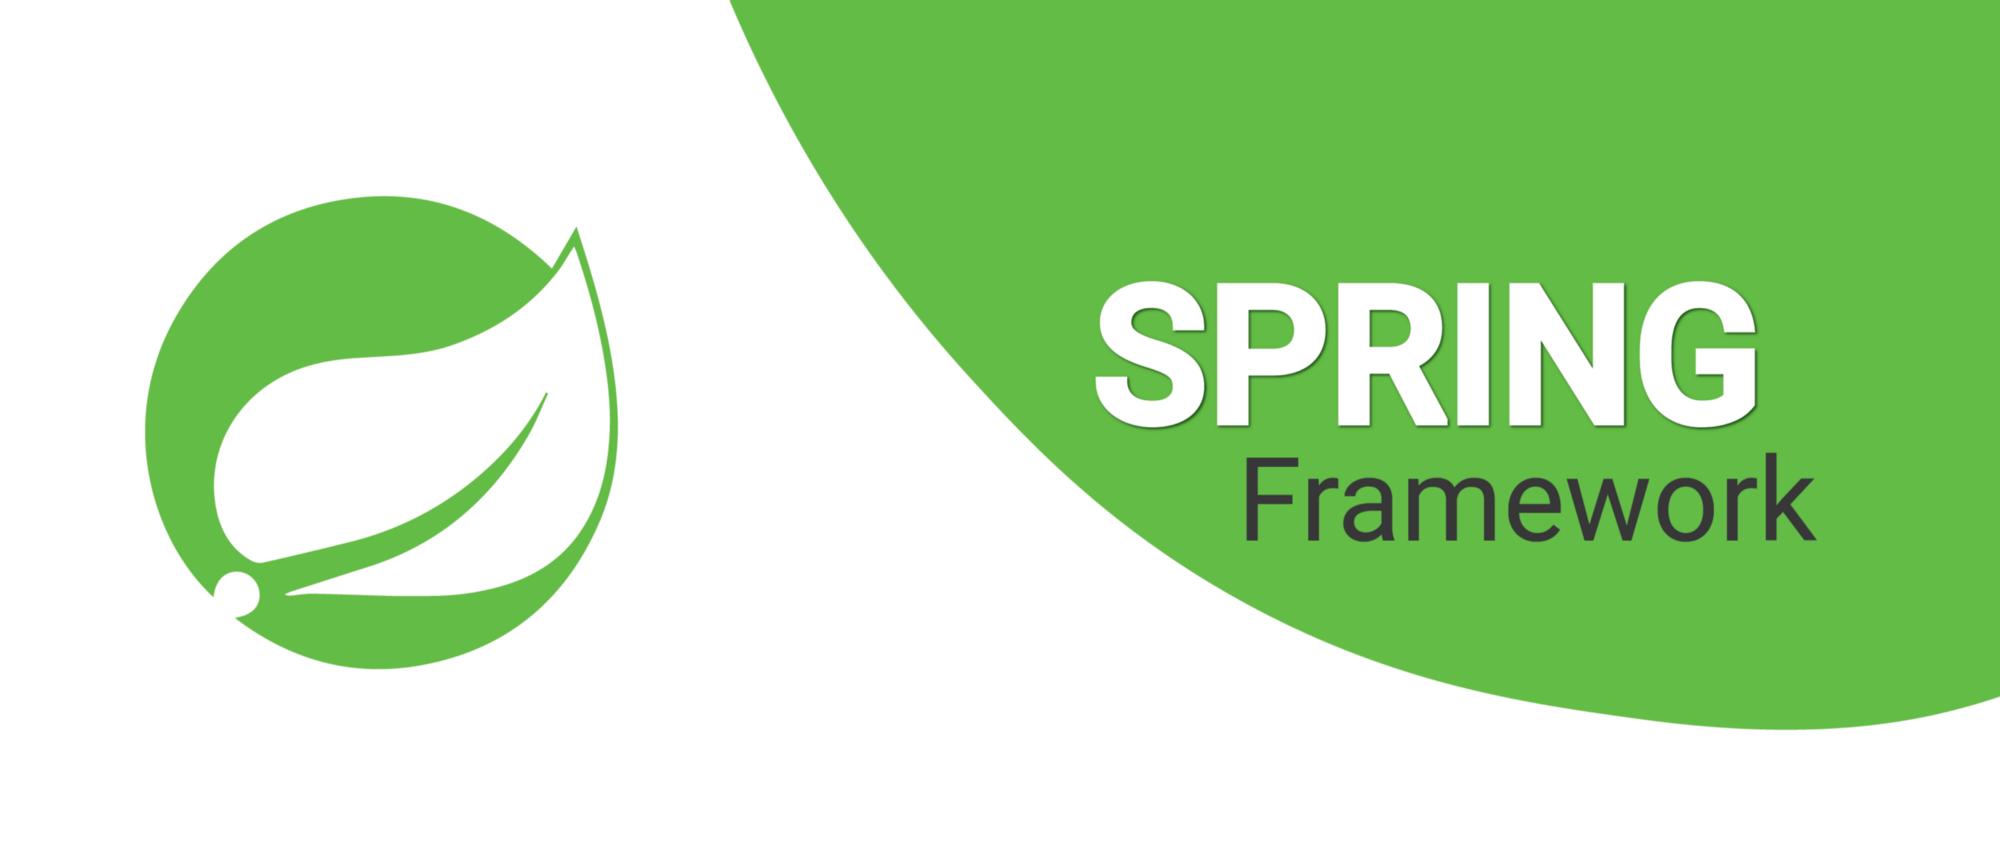 Conoce qué es Spring Framework y por qué usarlo